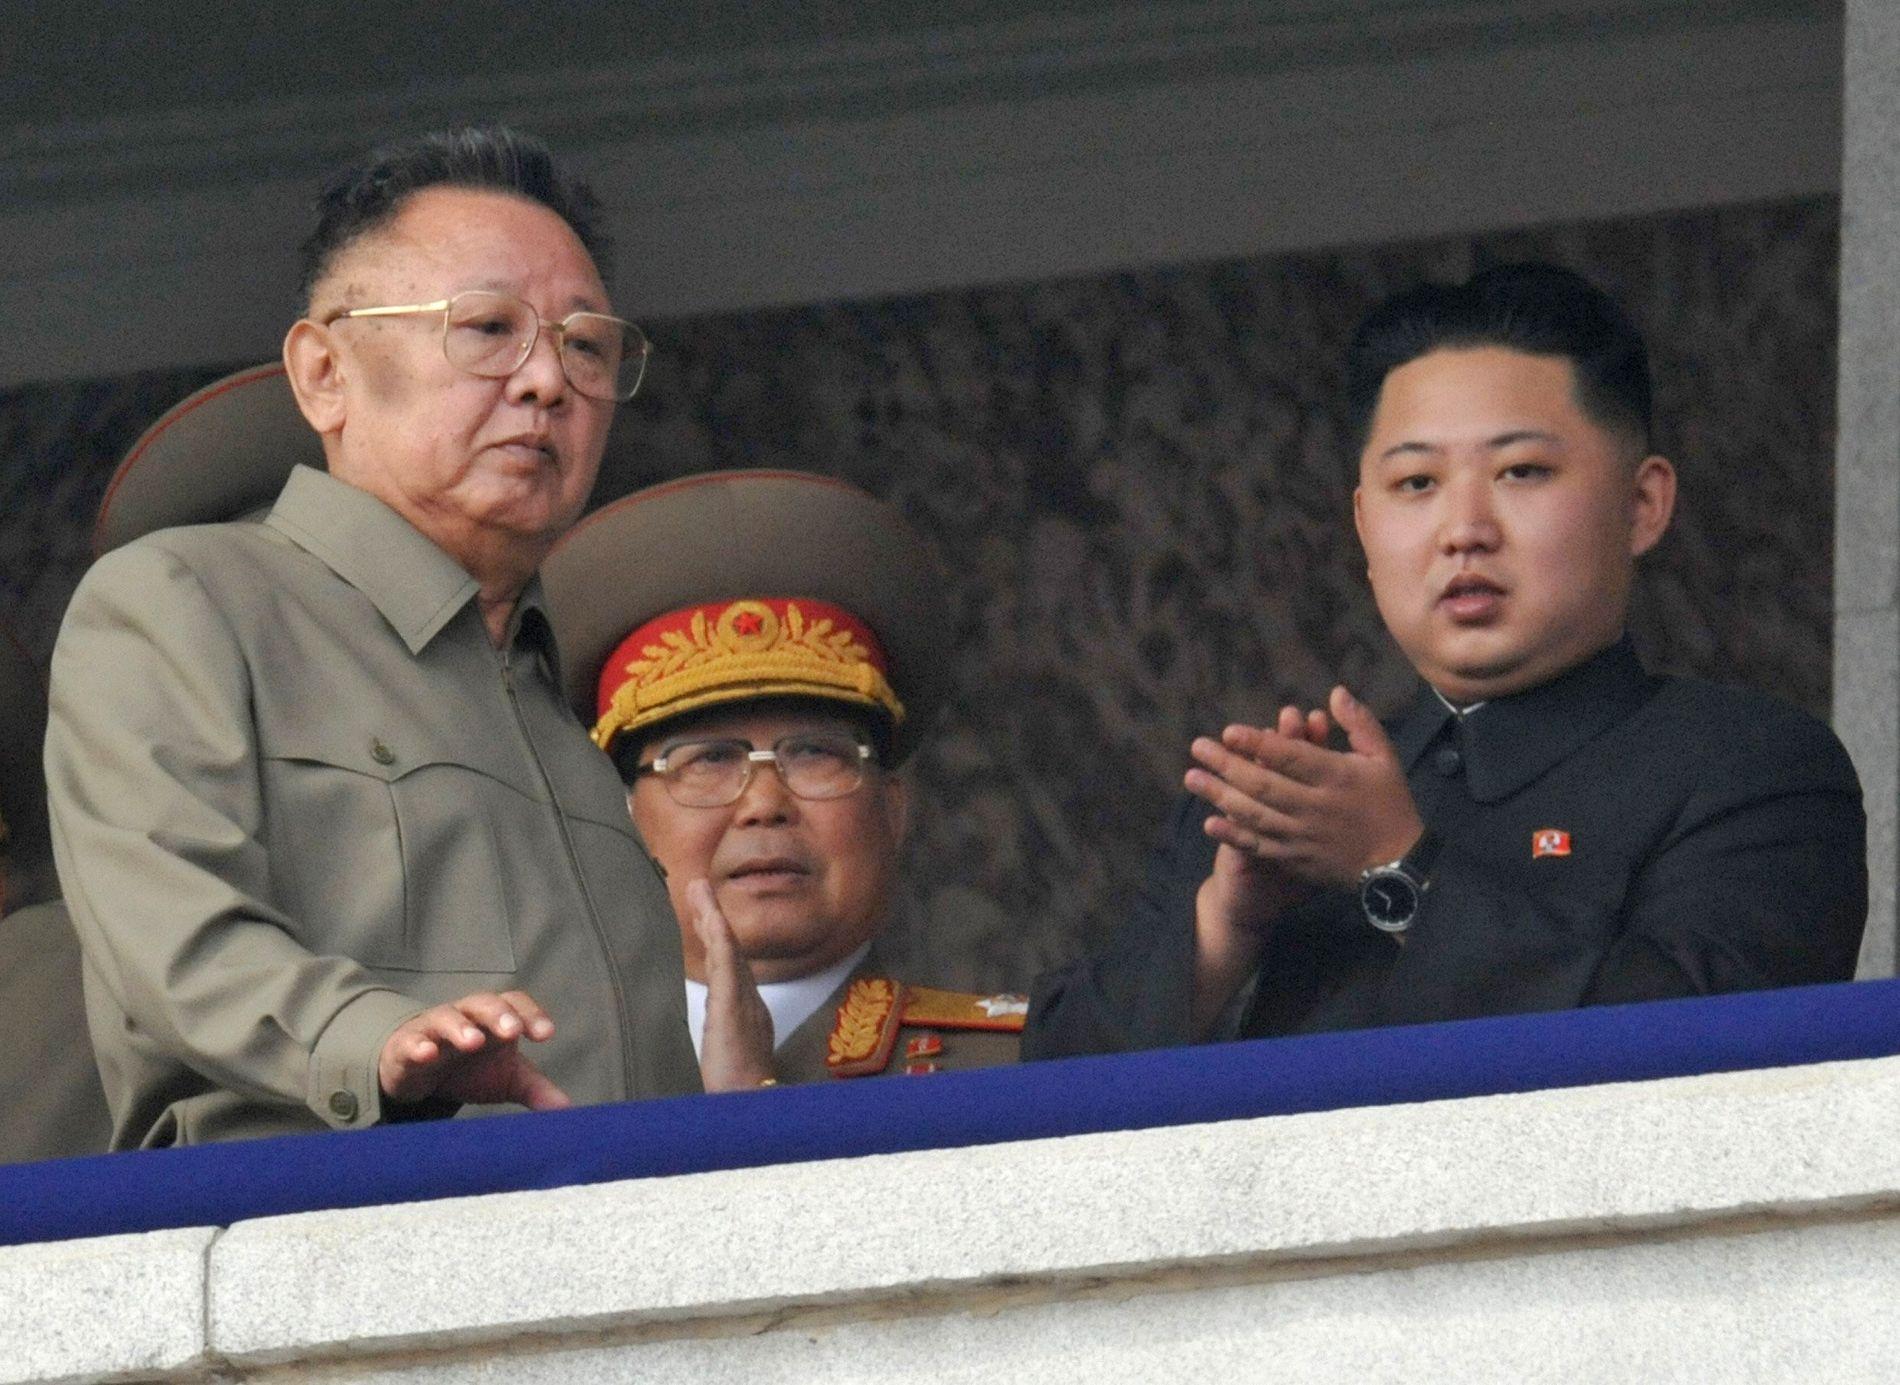 VILLE TIL VESTEN: Far og sønn, Kim Jong-un og Kim Jong-il, skal på 90-tallet ha søkt visum til vestlige land.